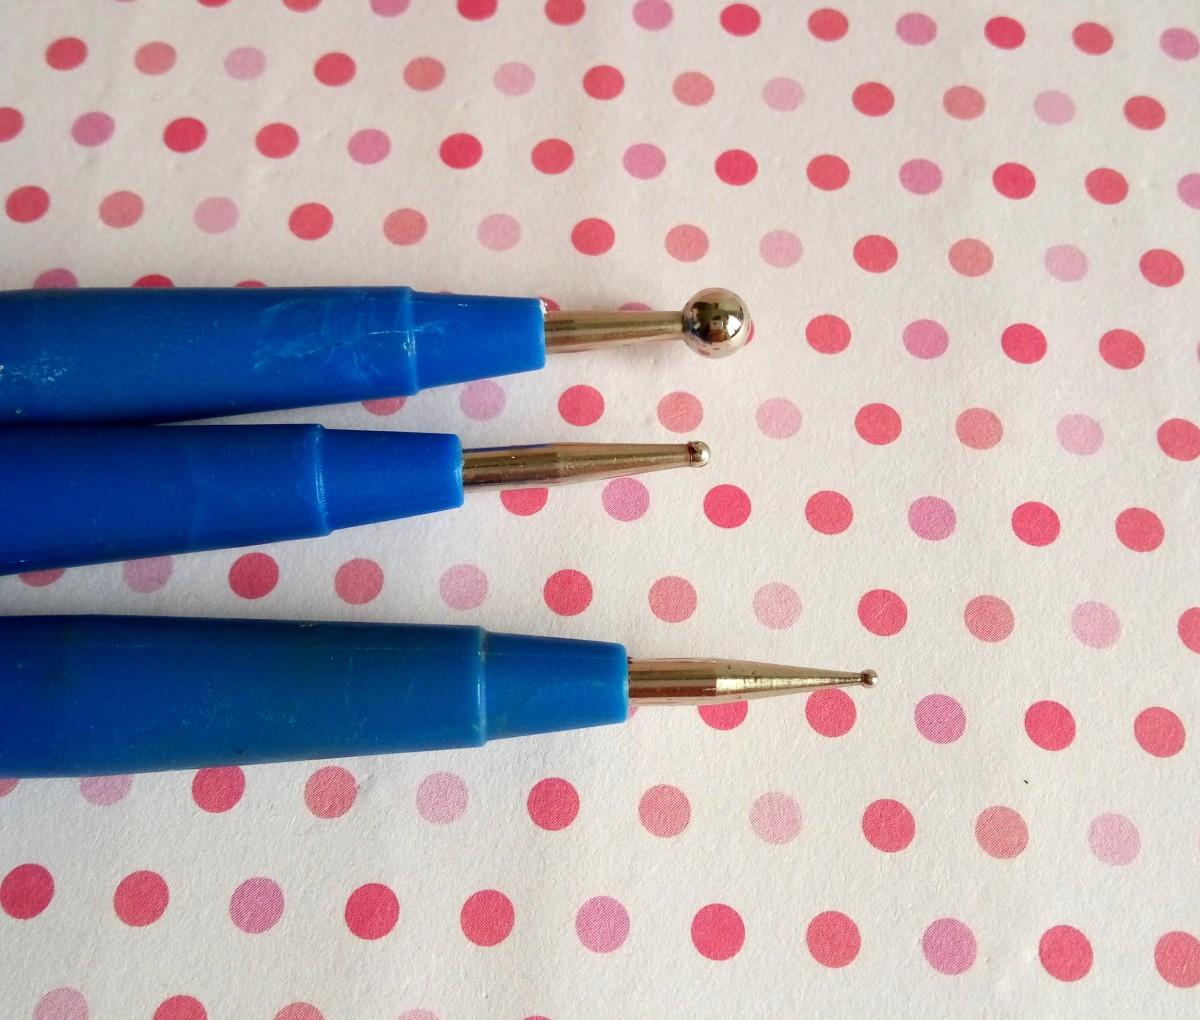 Πολυμερικός πηλός: αγαπημένα εργαλεία